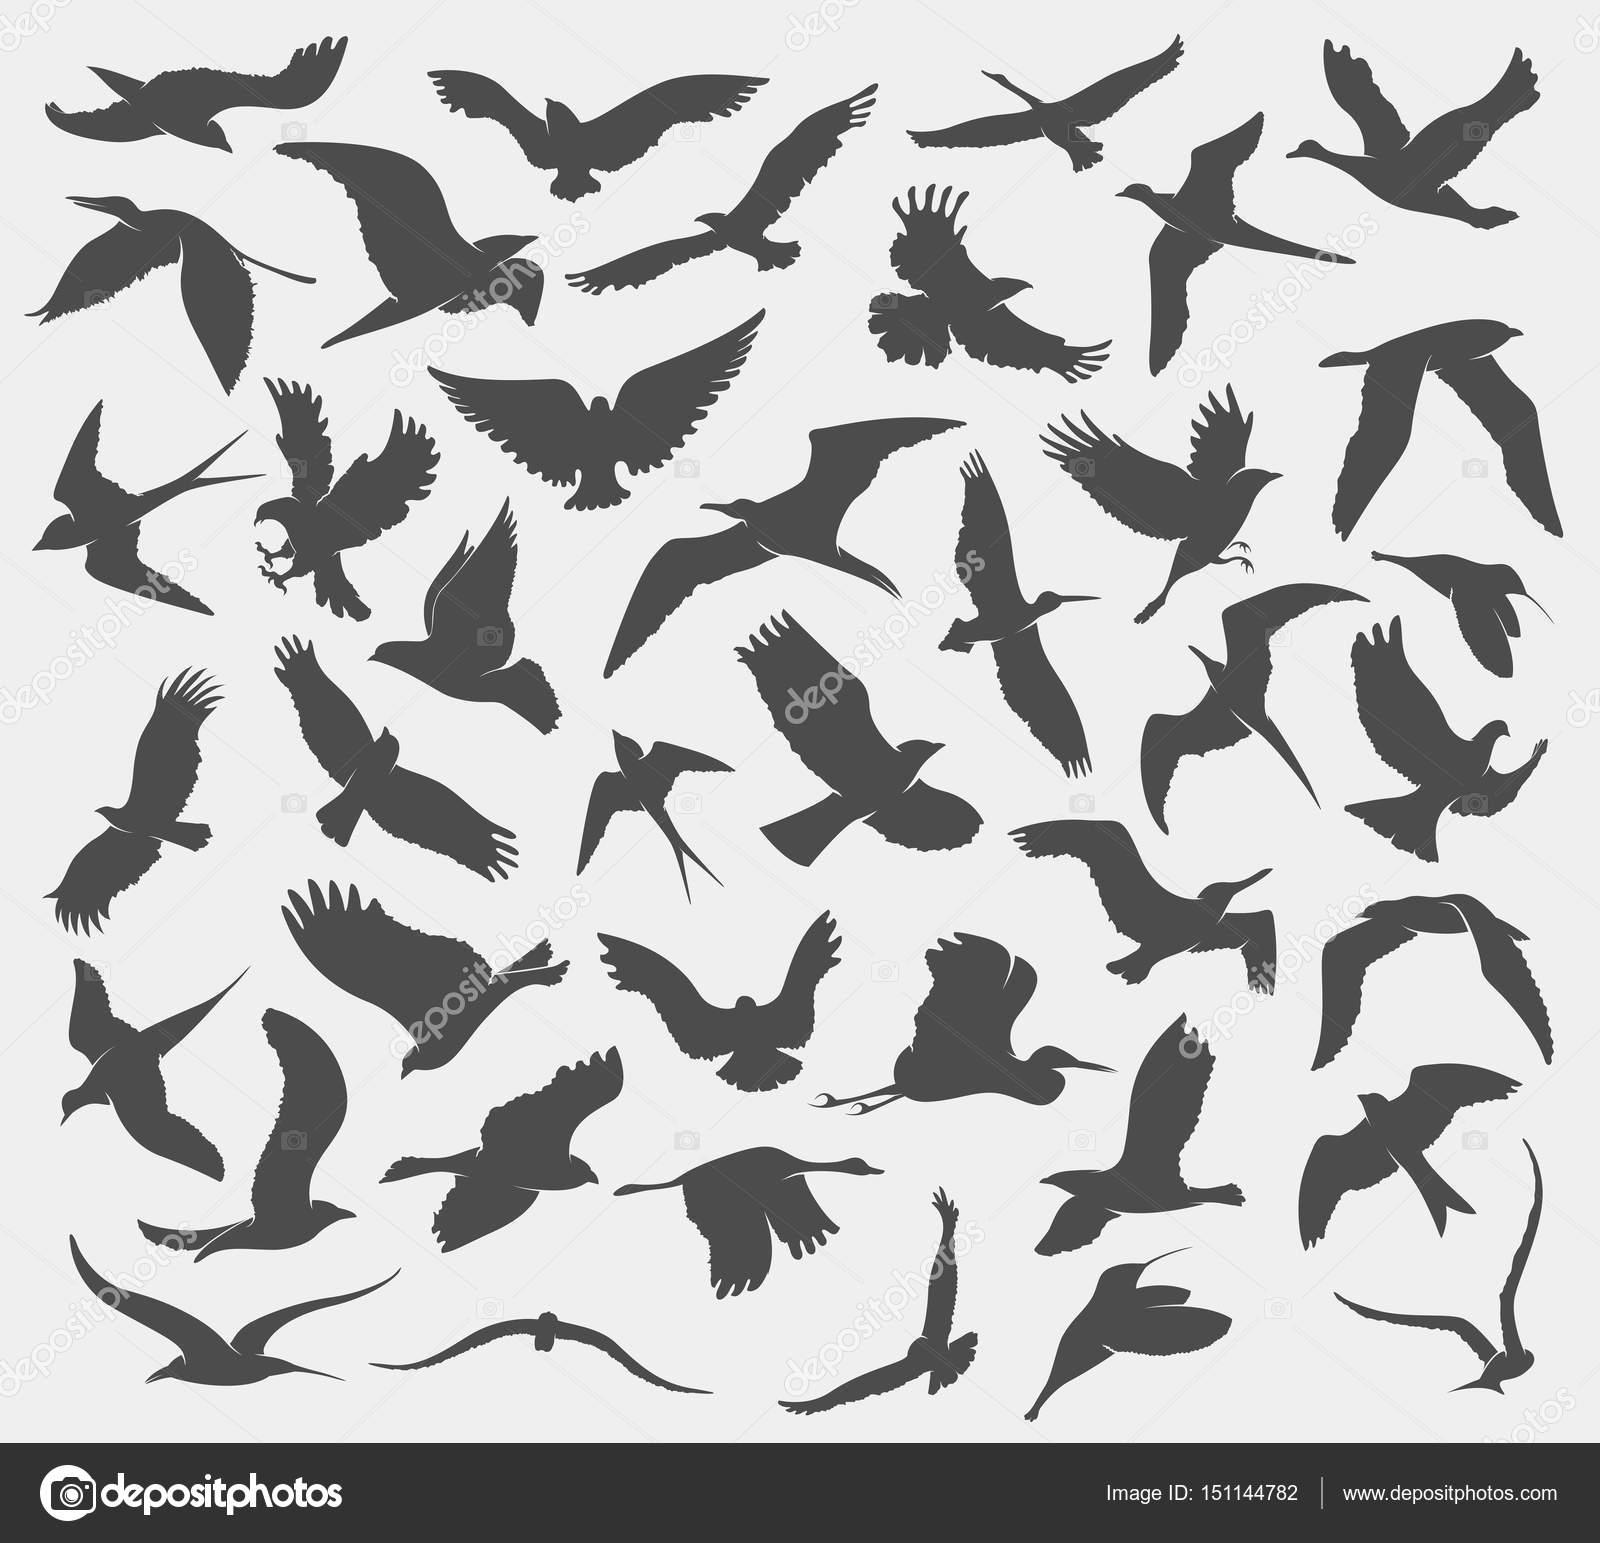 飛ぶ鳥のシルエットとパターン \u2014 ストックベクター